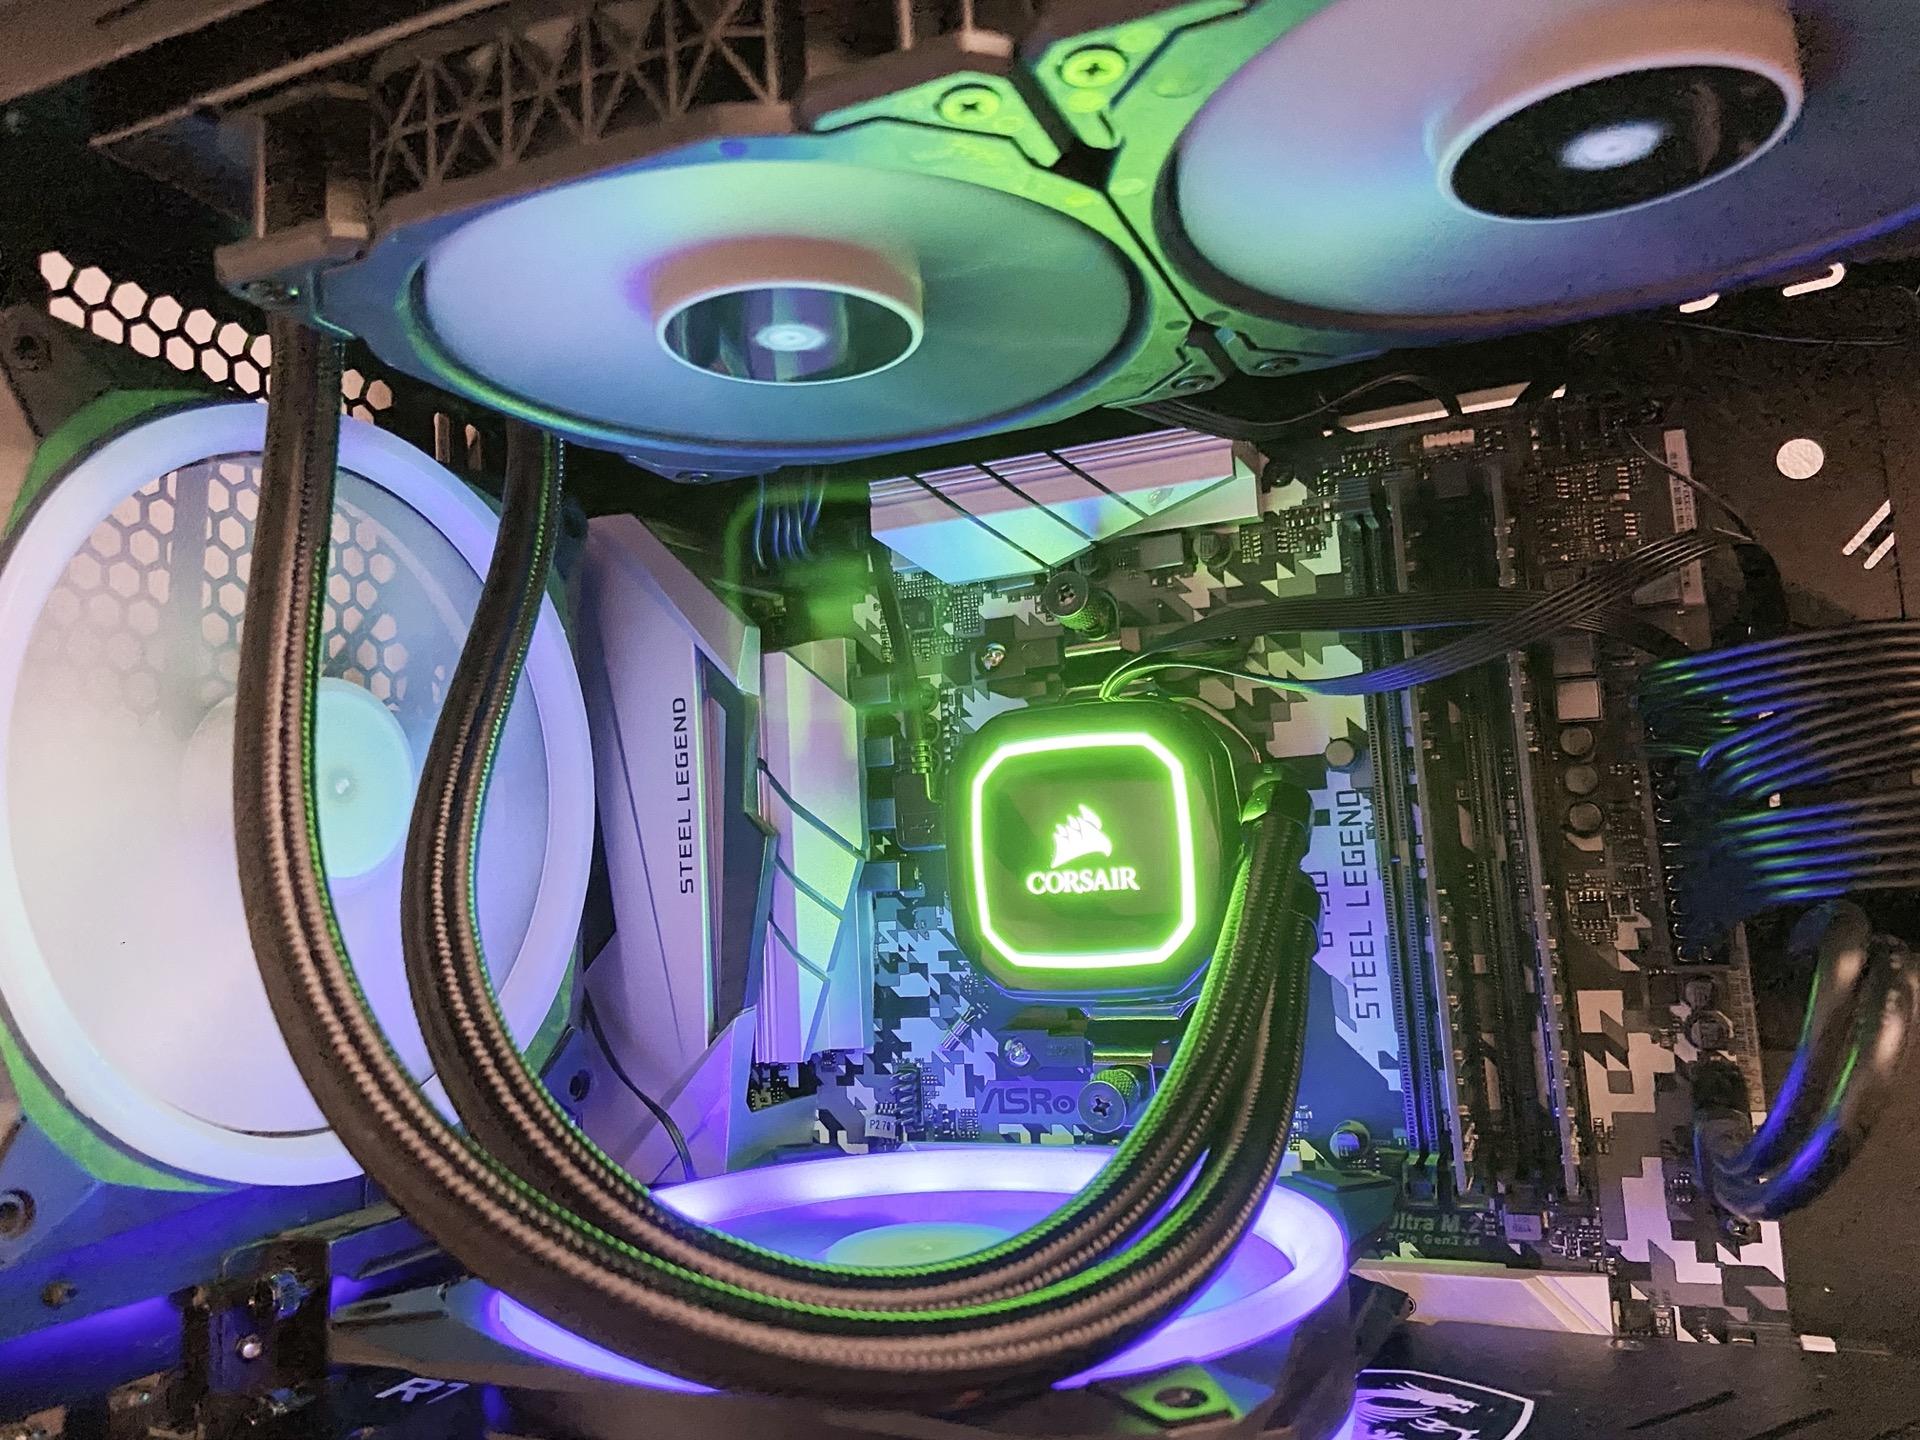 iCUE H150i RGB PRO XTのファームウェアを更新したらファンが制御できなくなった件